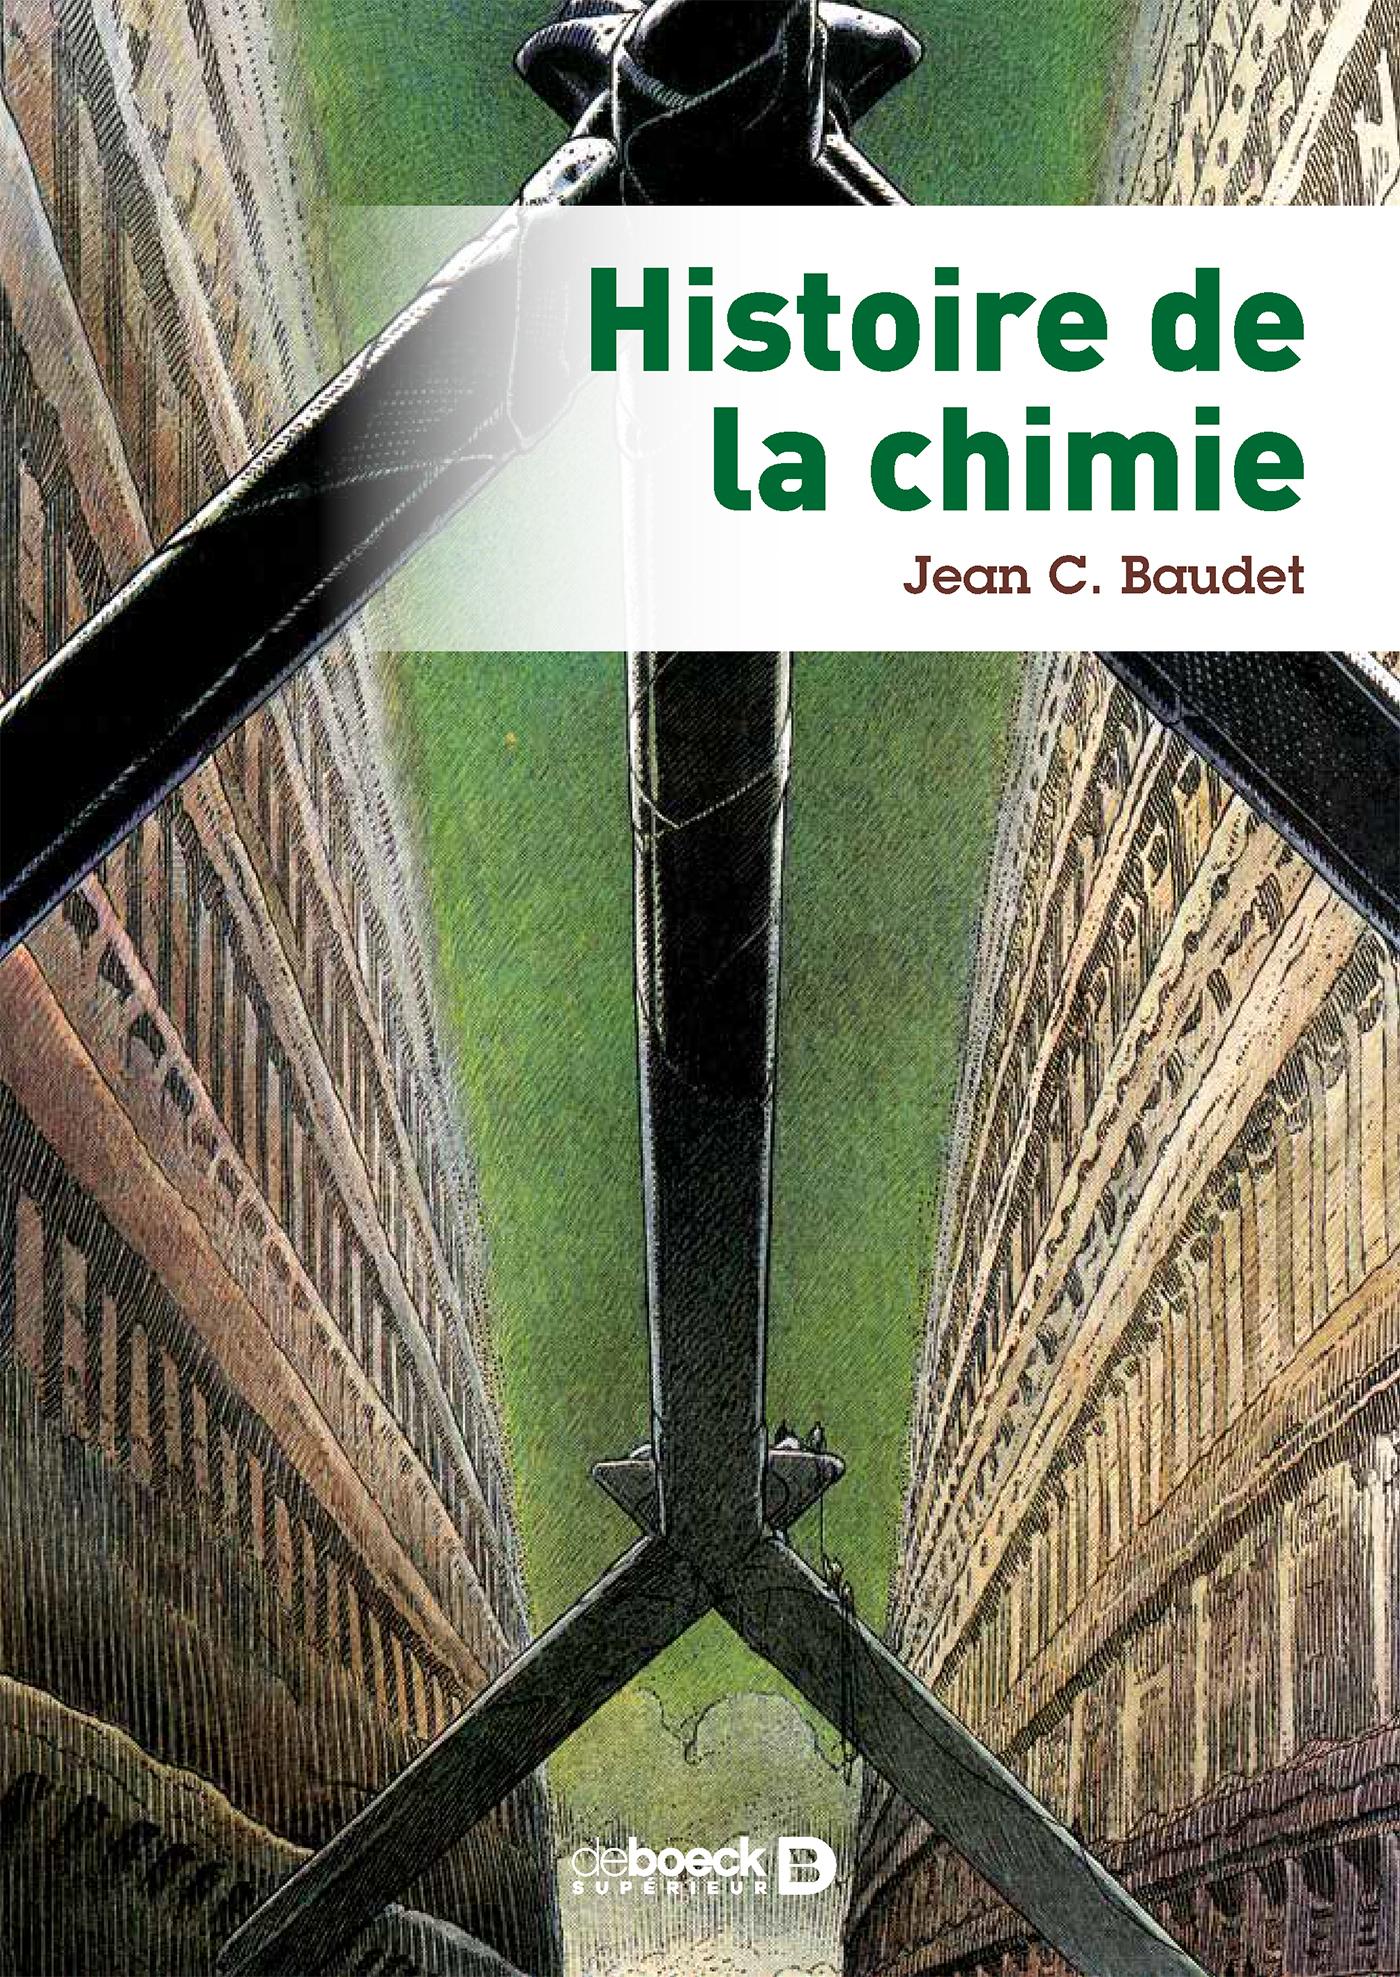 HISTOIRE DE LA CHIMIE